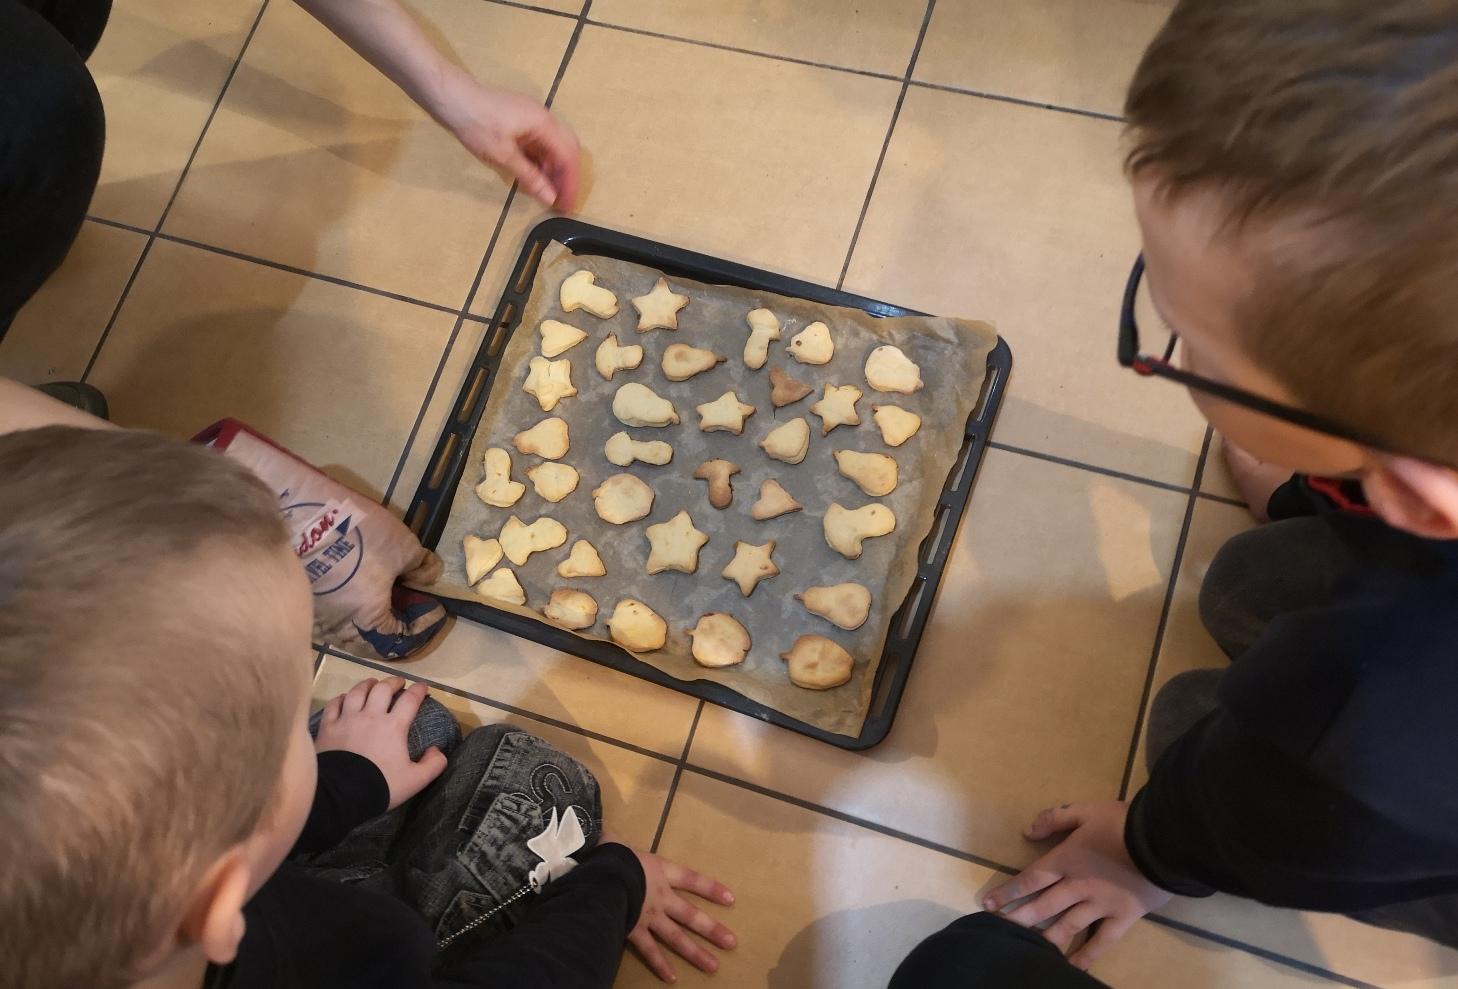 Pirmieji sausainiai iškepė!